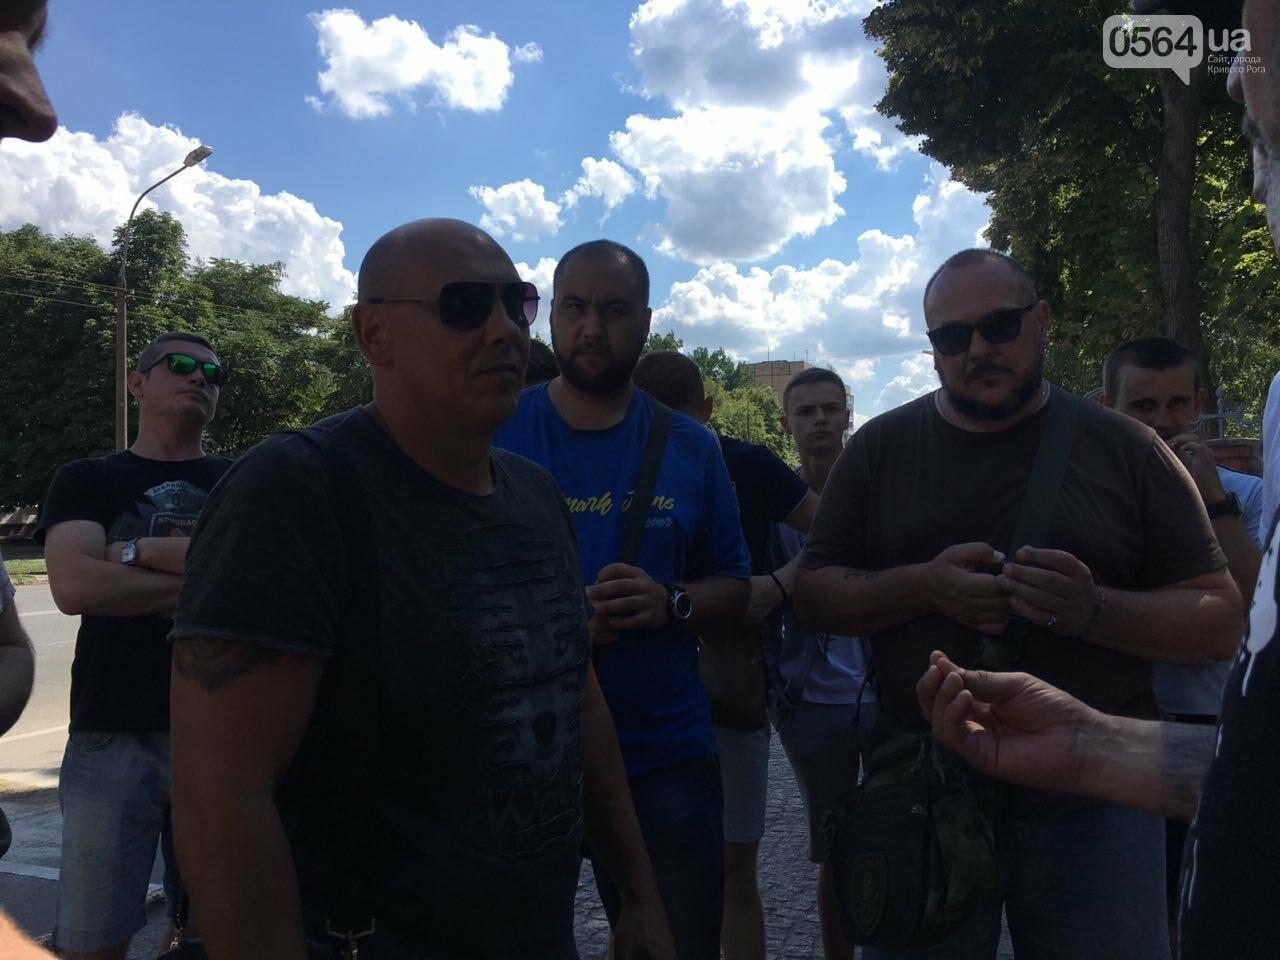 Криворожане передали в СБУ заявление с требованием проверить организации, которые возглавлял Островский, - ФОТО, фото-1